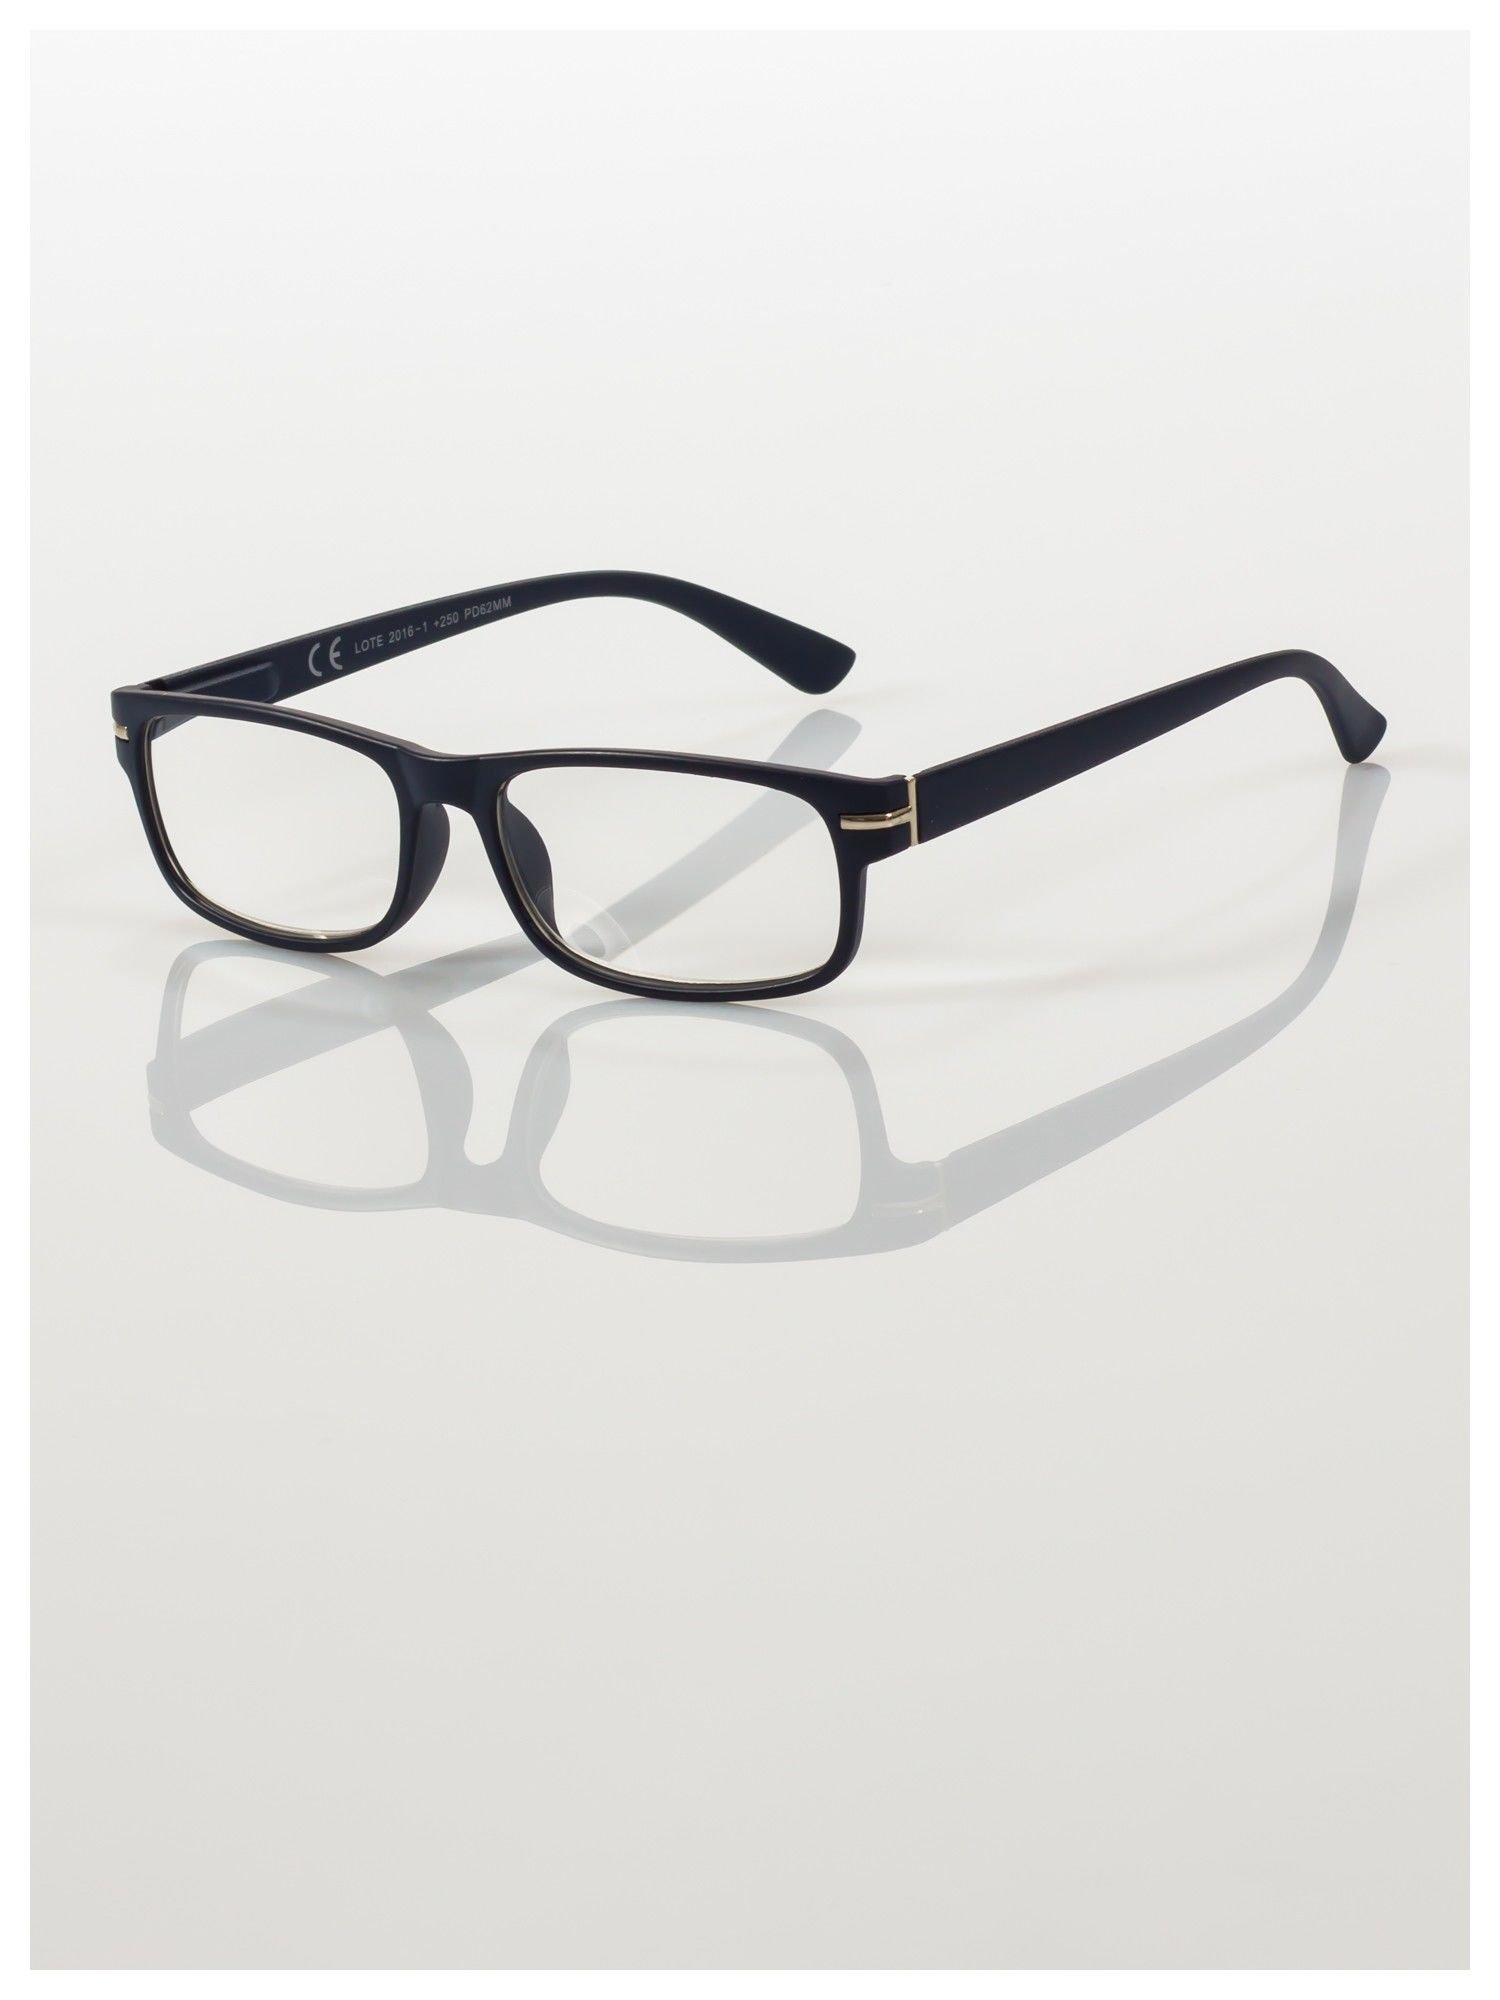 Eleganckie granatowe matowe korekcyjne okulary do czytania +1.0 D  z sytemem FLEX na zausznikach                                  zdj.                                  1